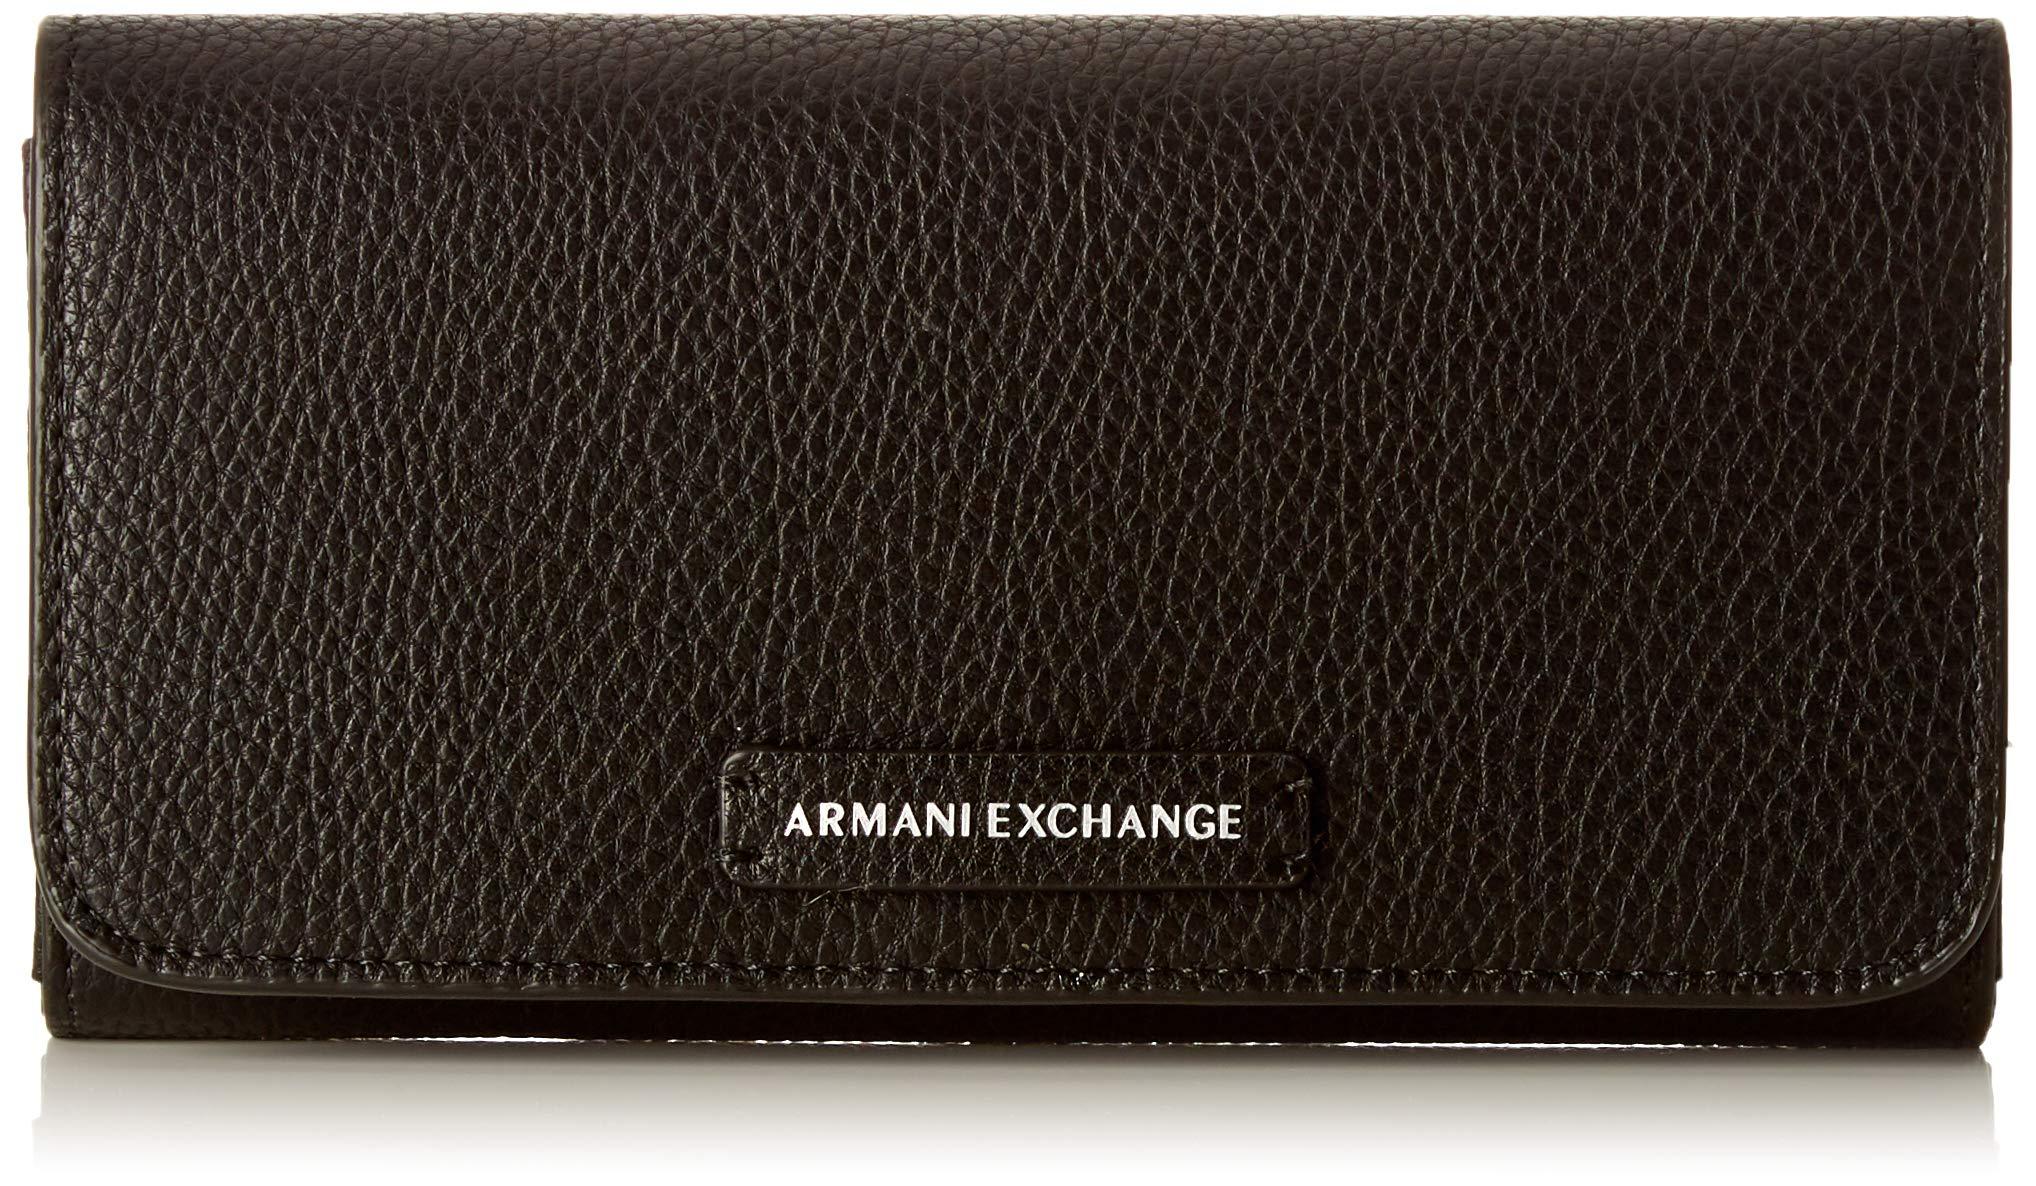 X Wallet With Cmb Armani 5x3x19 T StudPortefeuilles FemmeNoirblack10 Exchange H l1FJKc